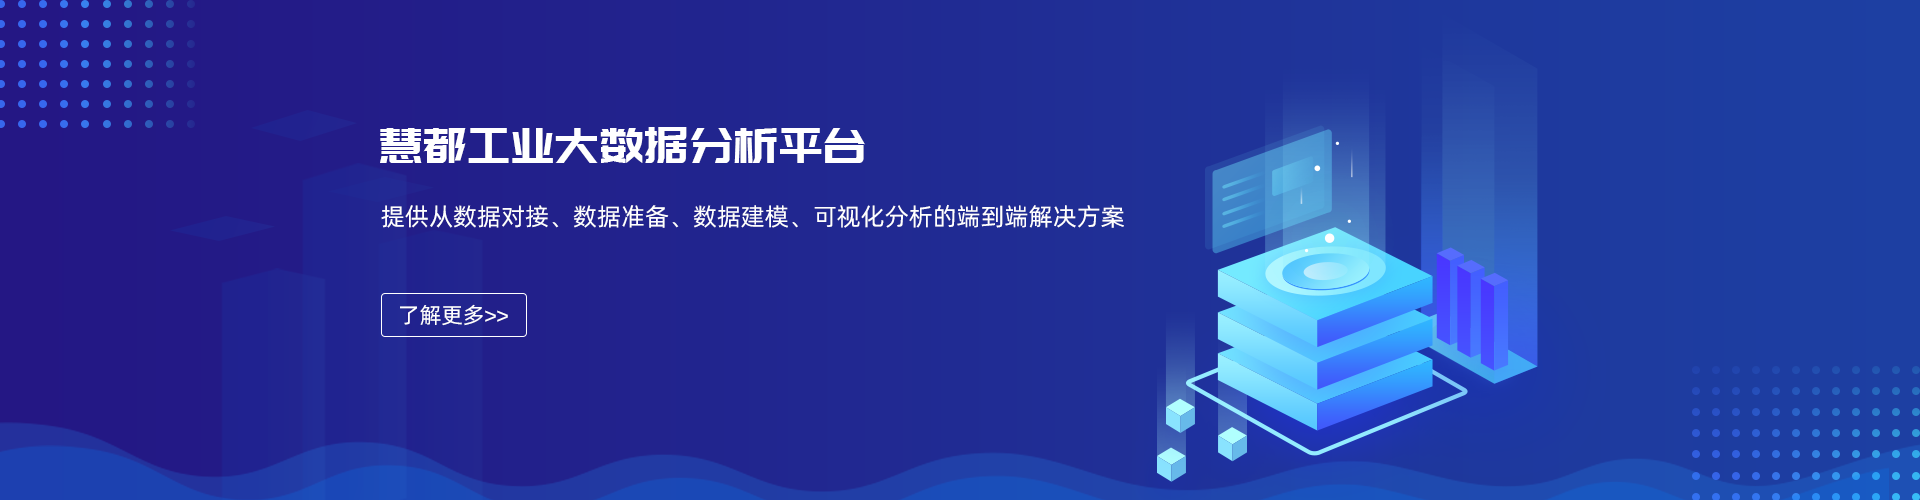 500万彩票工业大数据